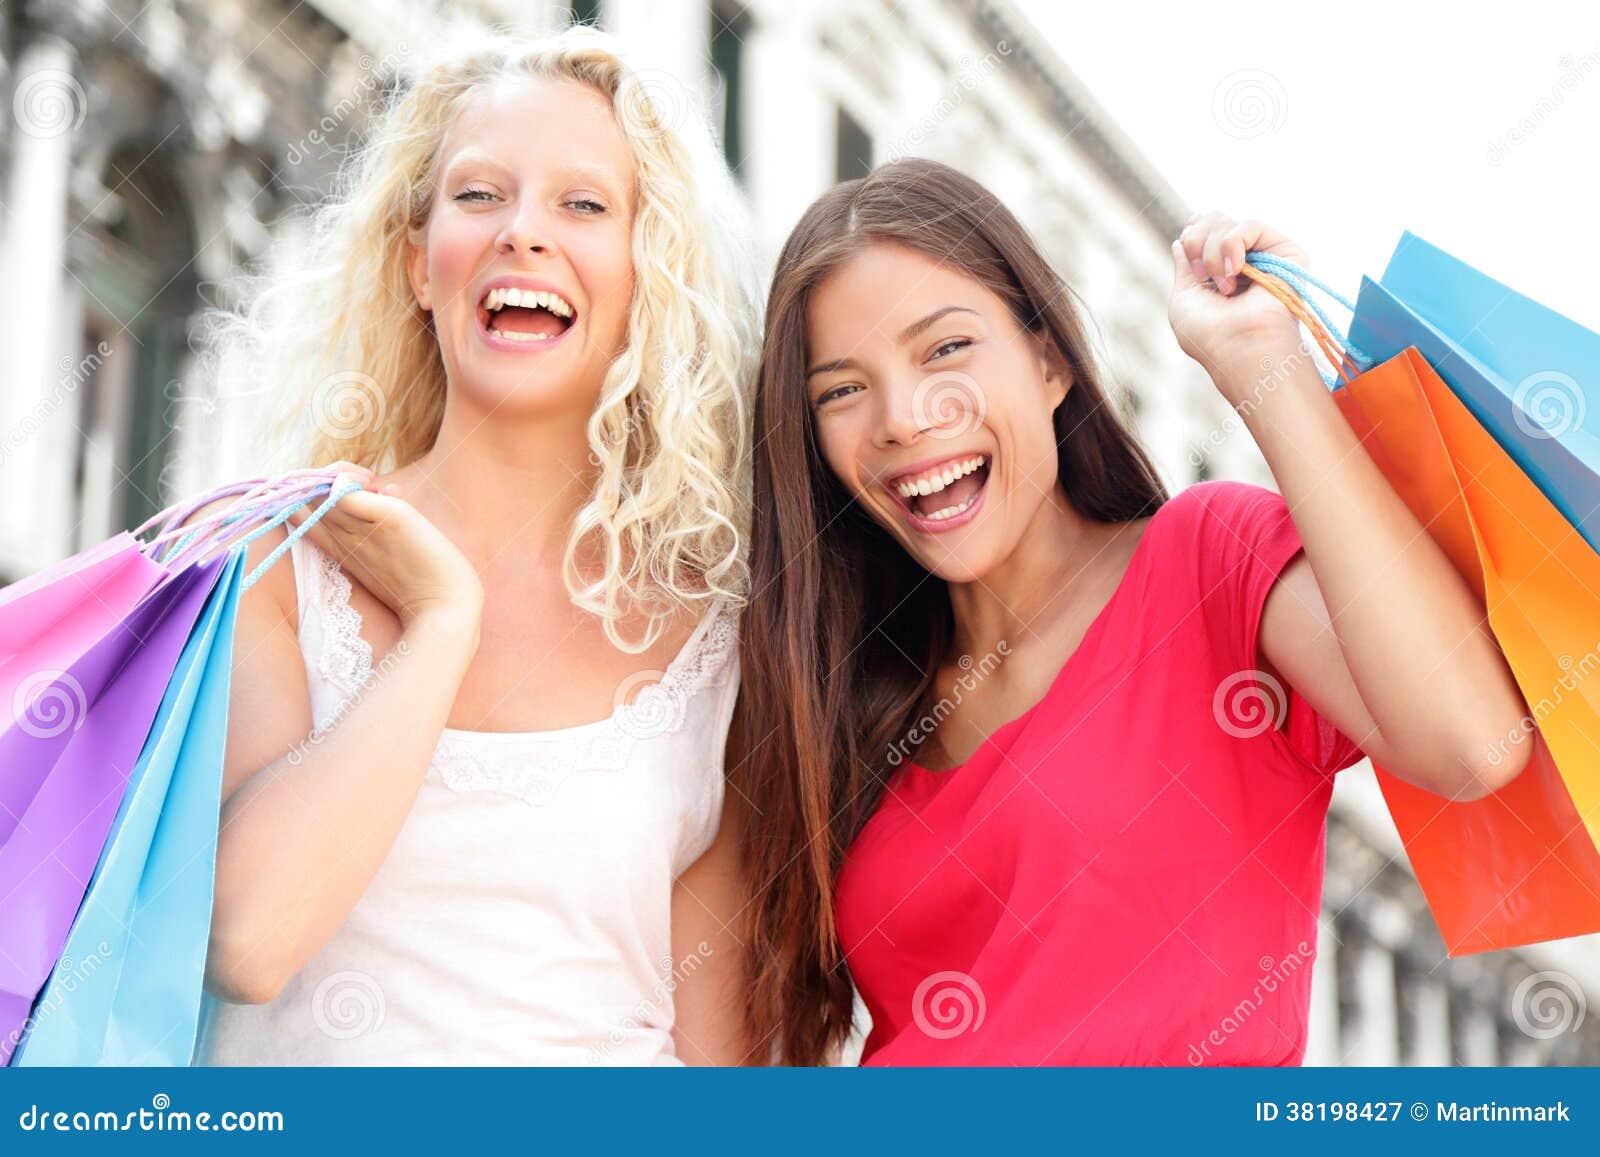 Ψωνίζοντας γυναίκες φίλων συγκινημένες και ευτυχείς